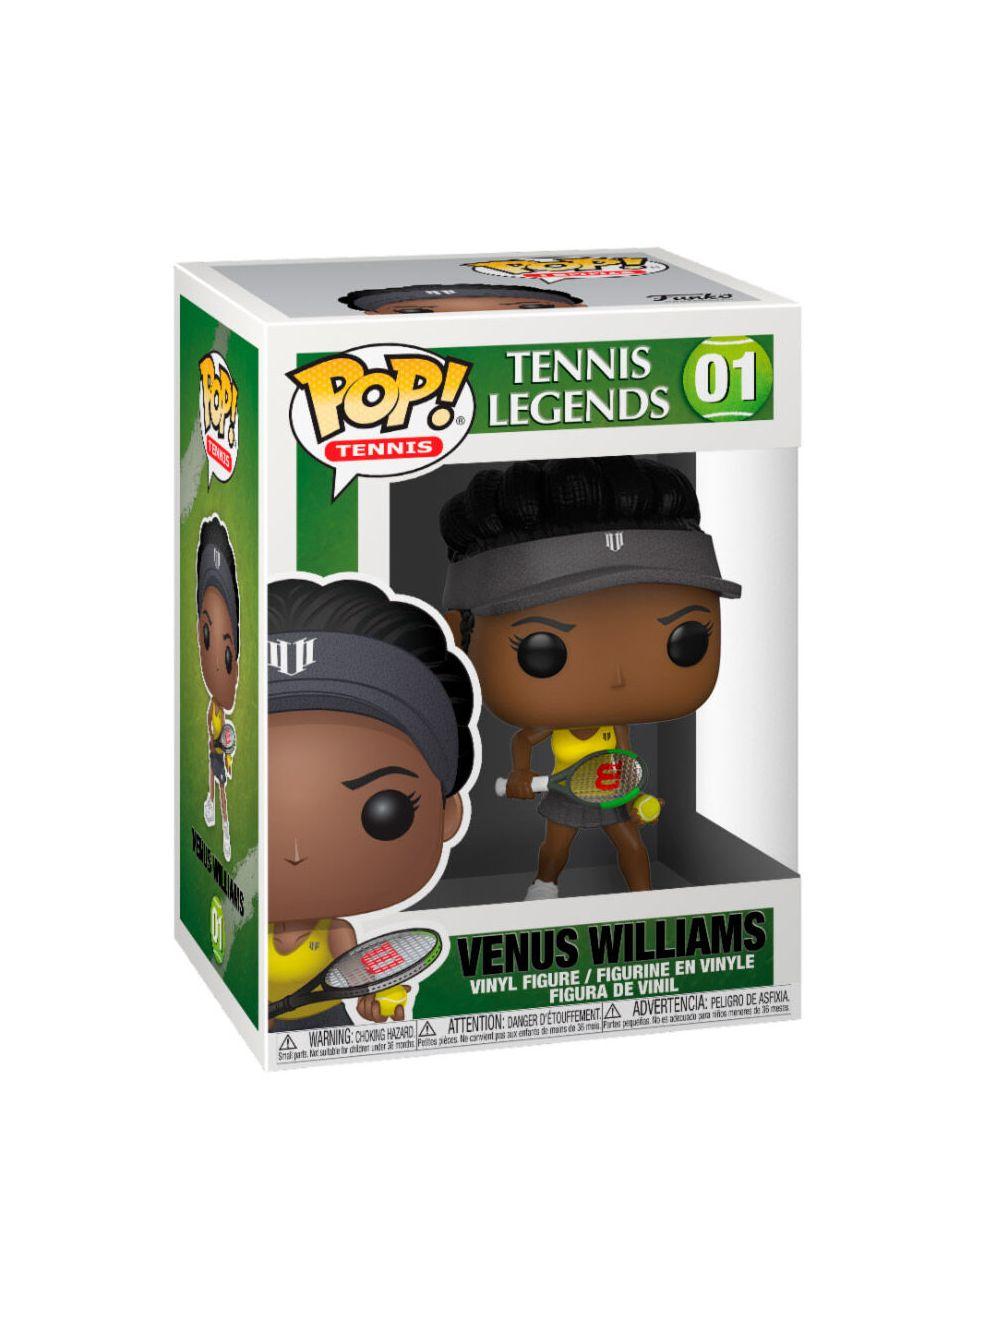 Funko POP! Tennis Legends - Venus Williams Vinyl figura 10cm